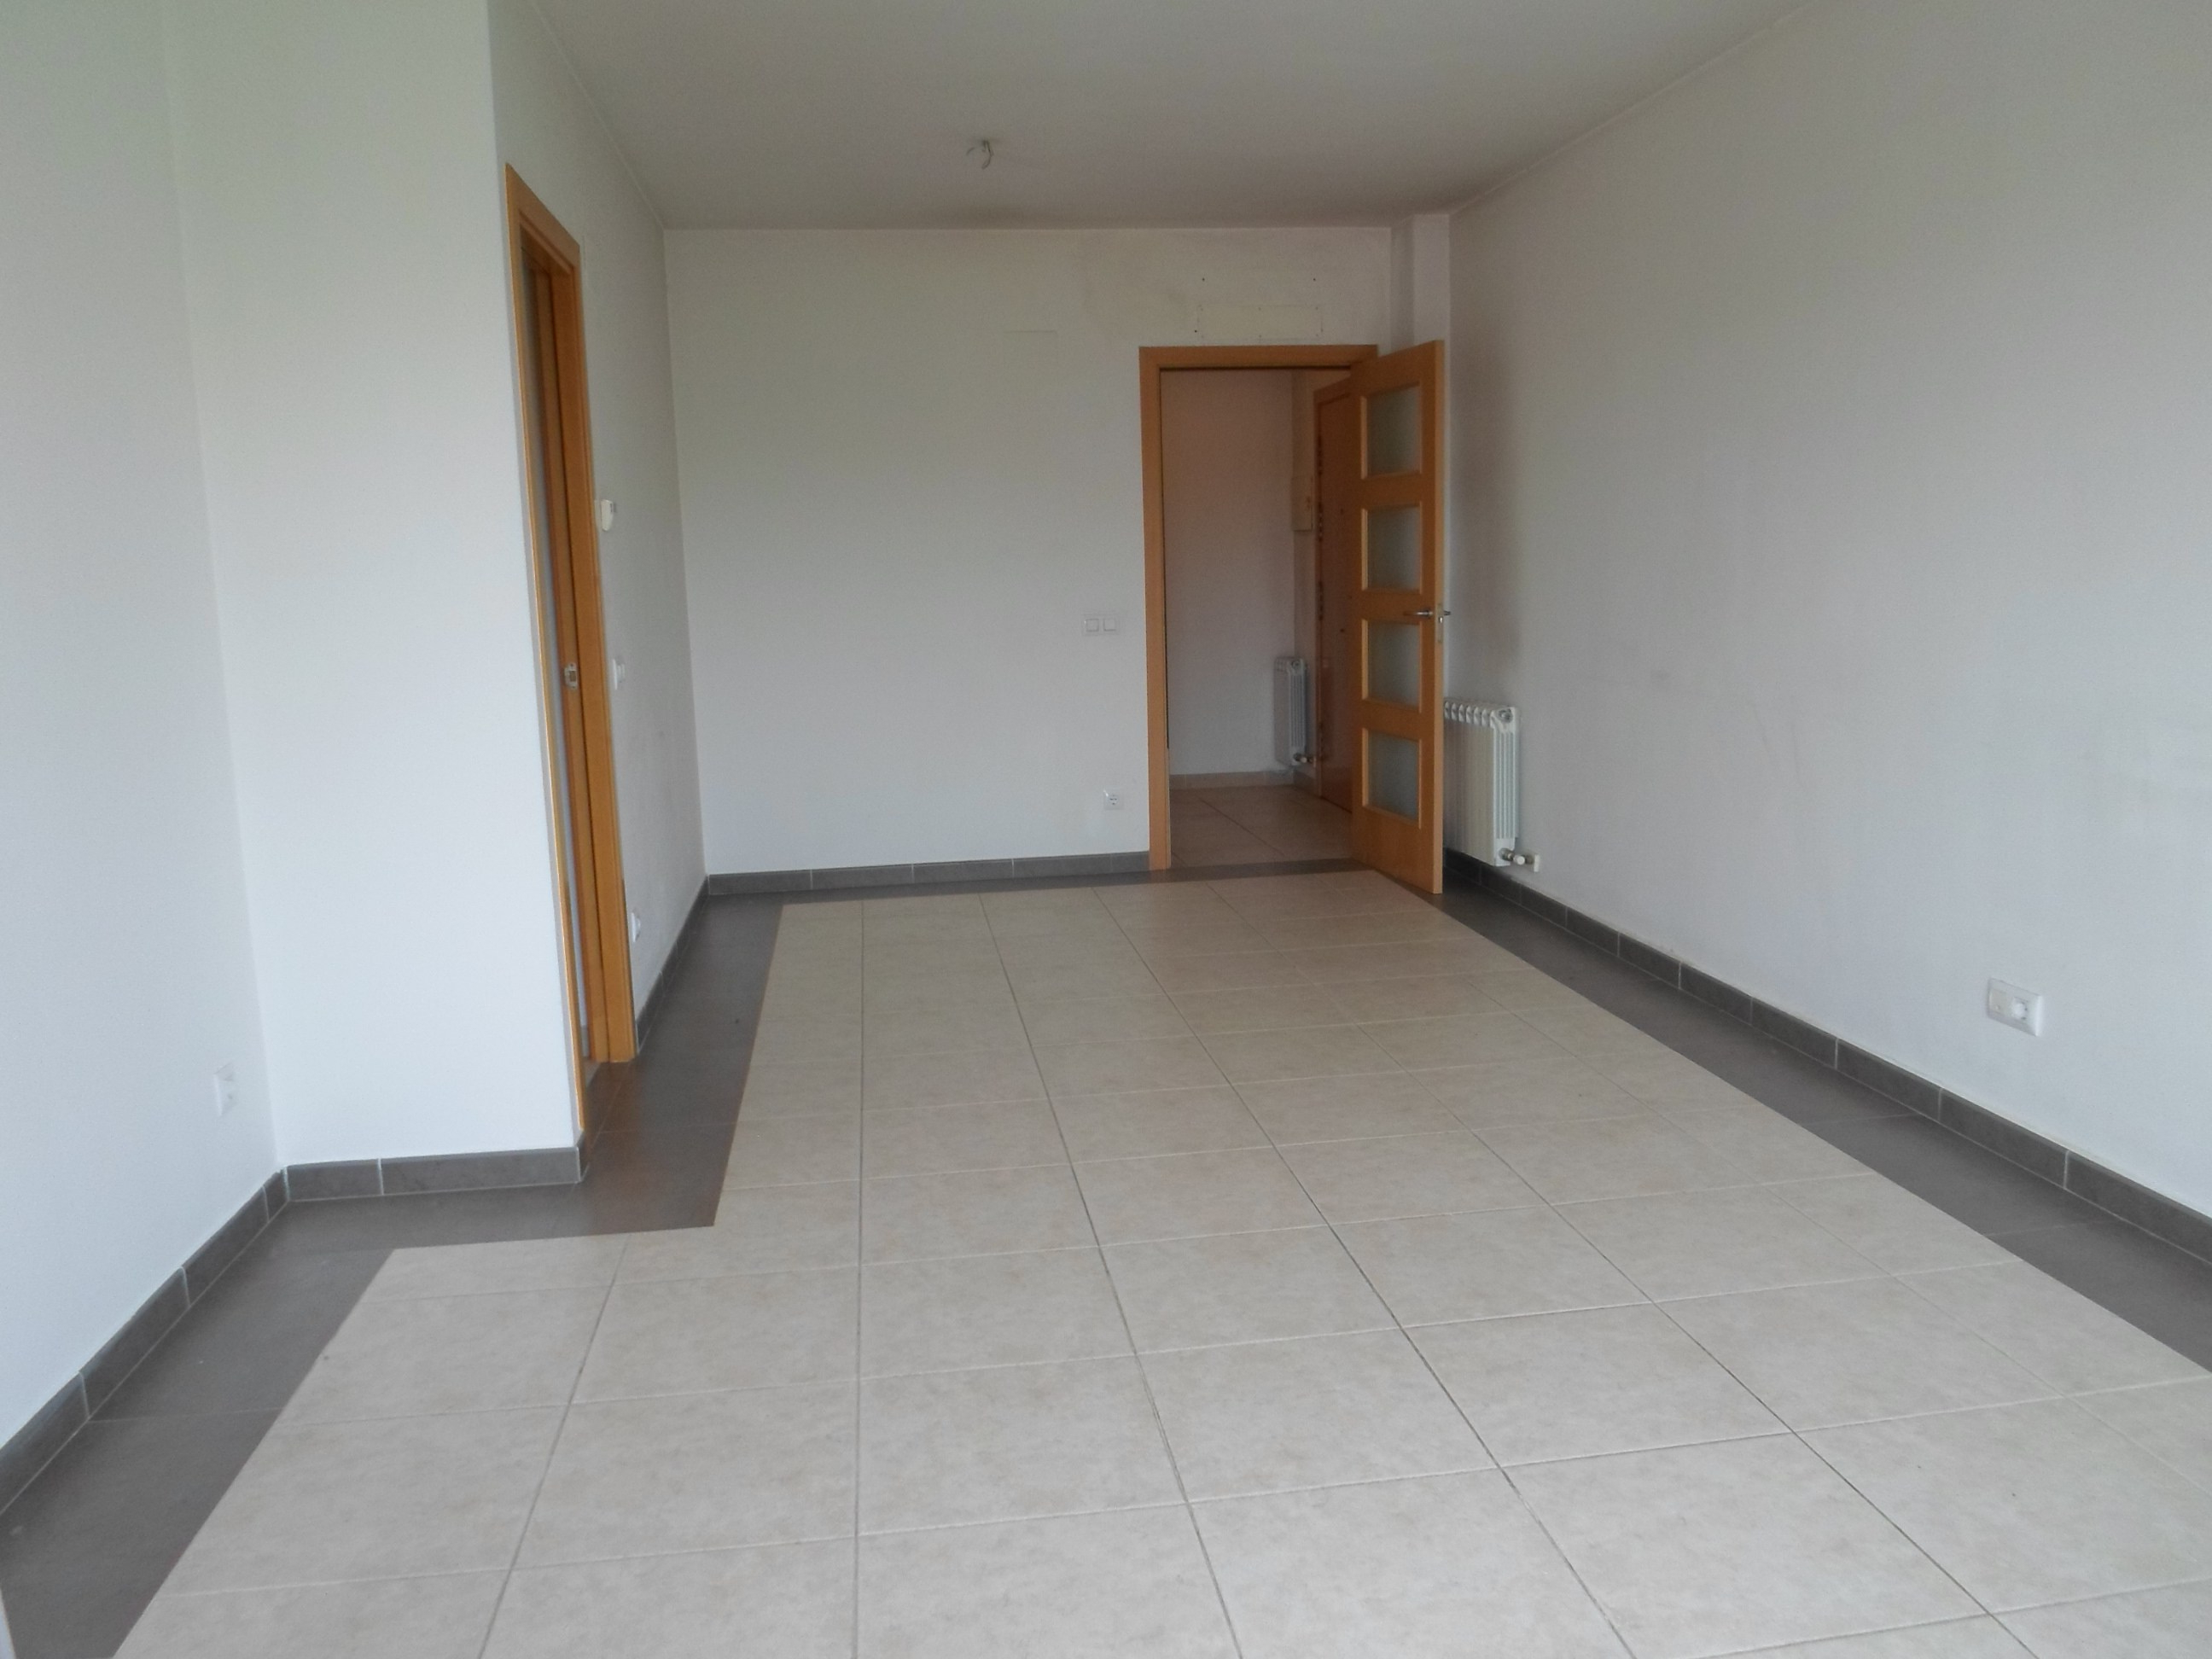 Tiendas De Muebles En Fuengirola E6d5 Tiendas De Muebles En Fuengirola Muebles Benitez Fuengirola